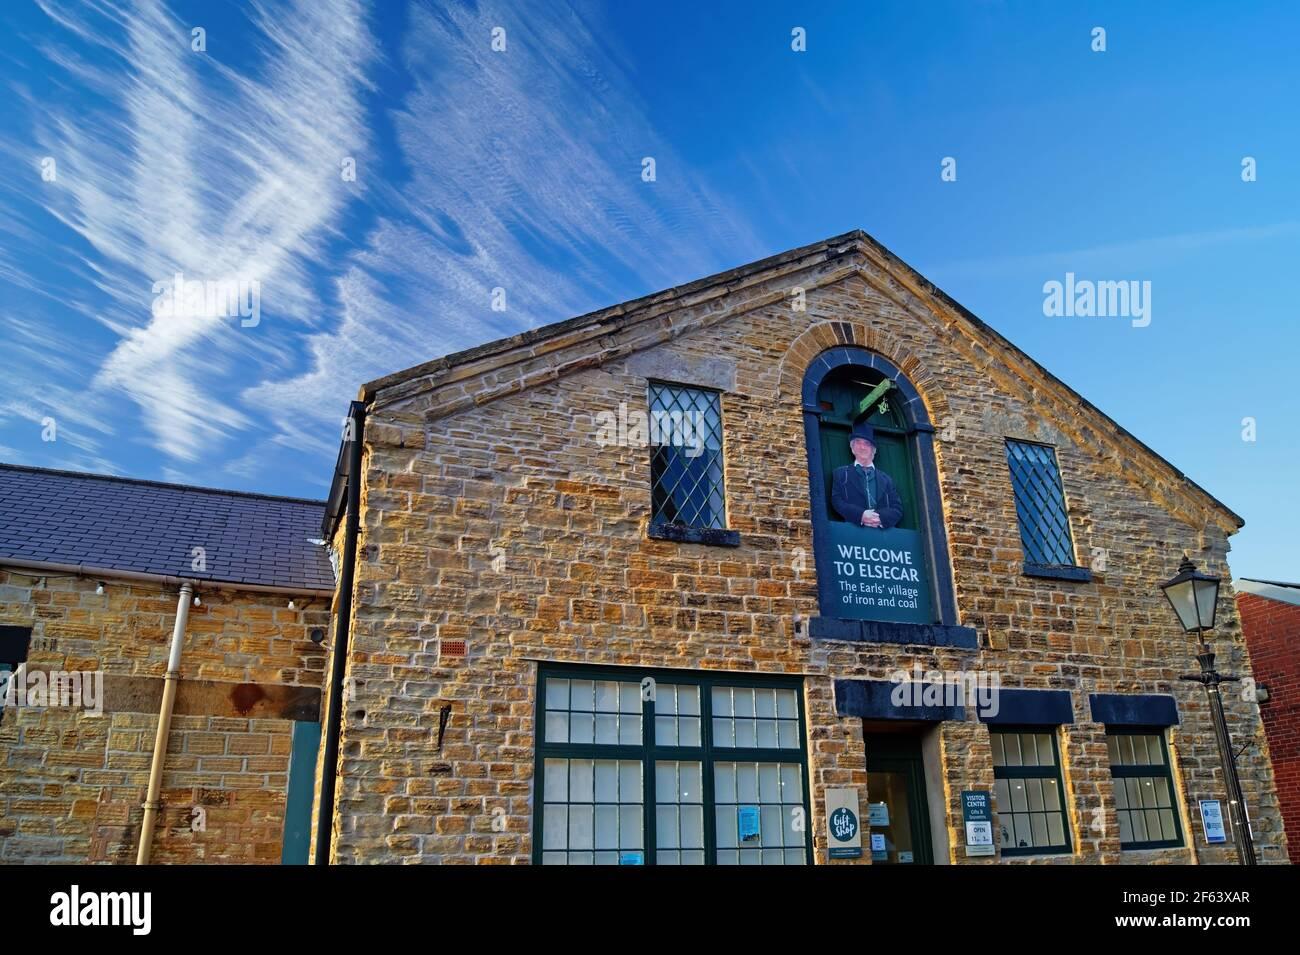 UK, South Yorkshire, Elsecar Heritage Center, negozio di articoli da regalo Foto Stock